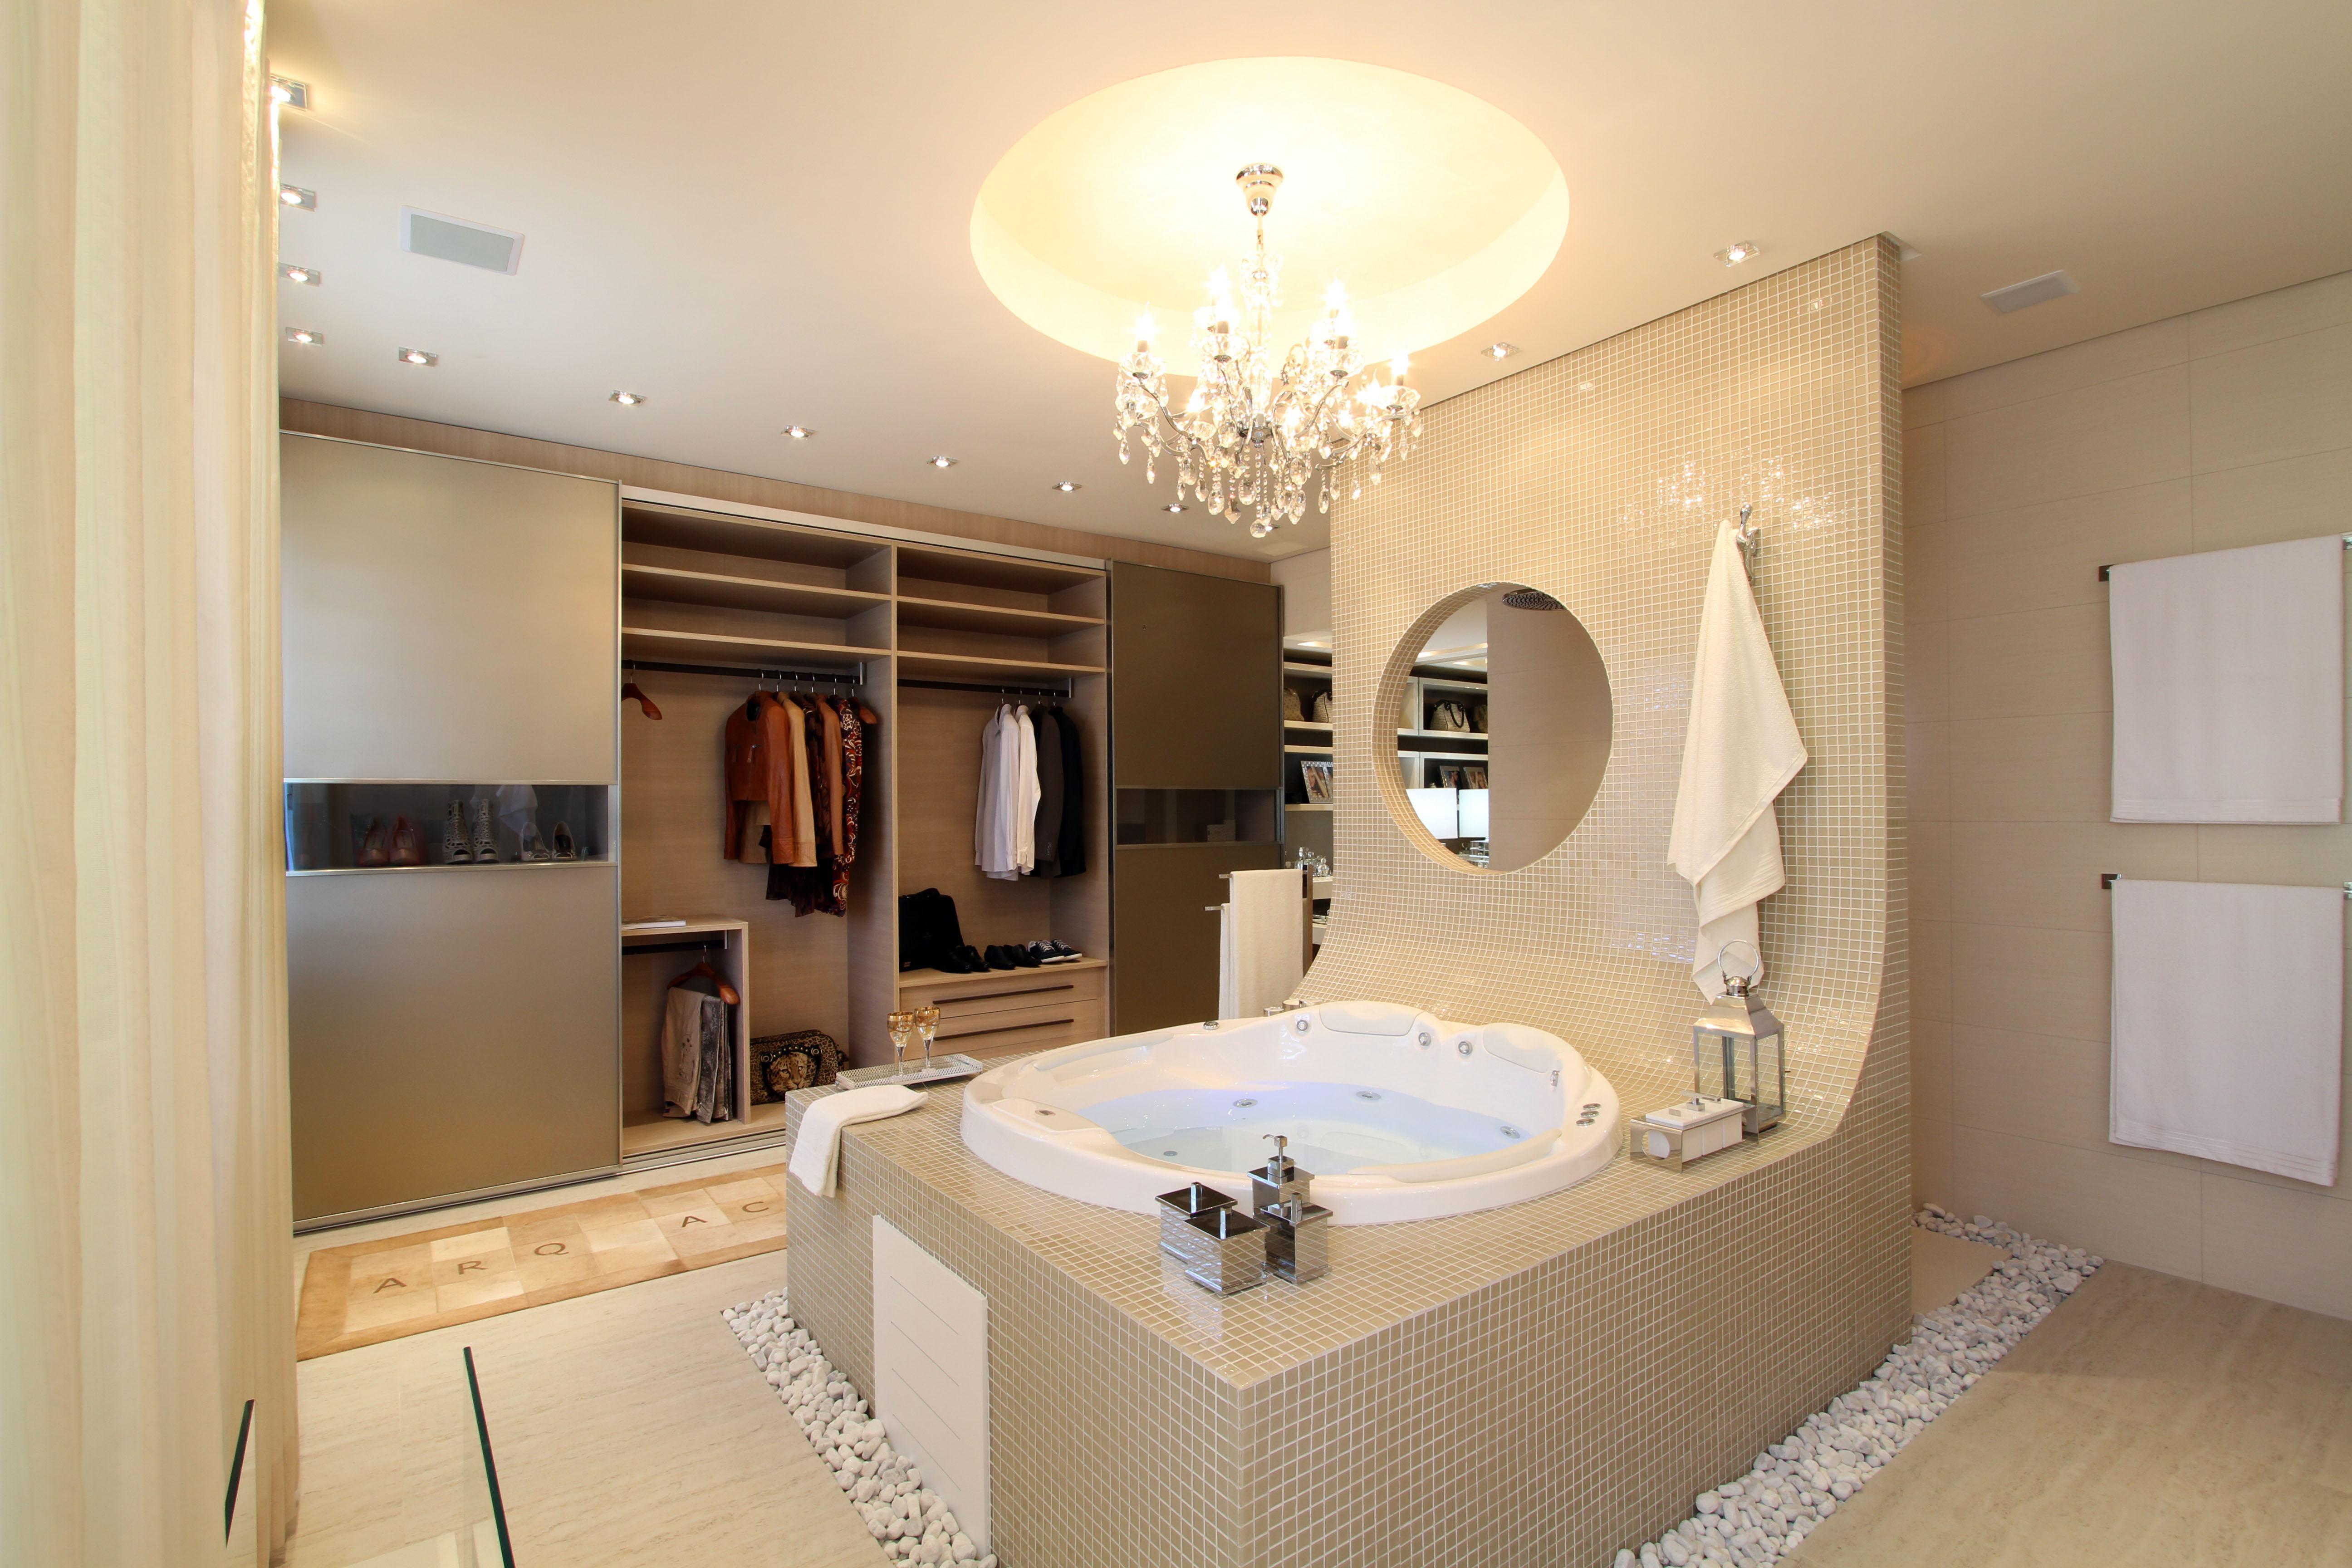 que os pisos sejam revestidos de forma adequada para cada ambiente #946937 5184 3456